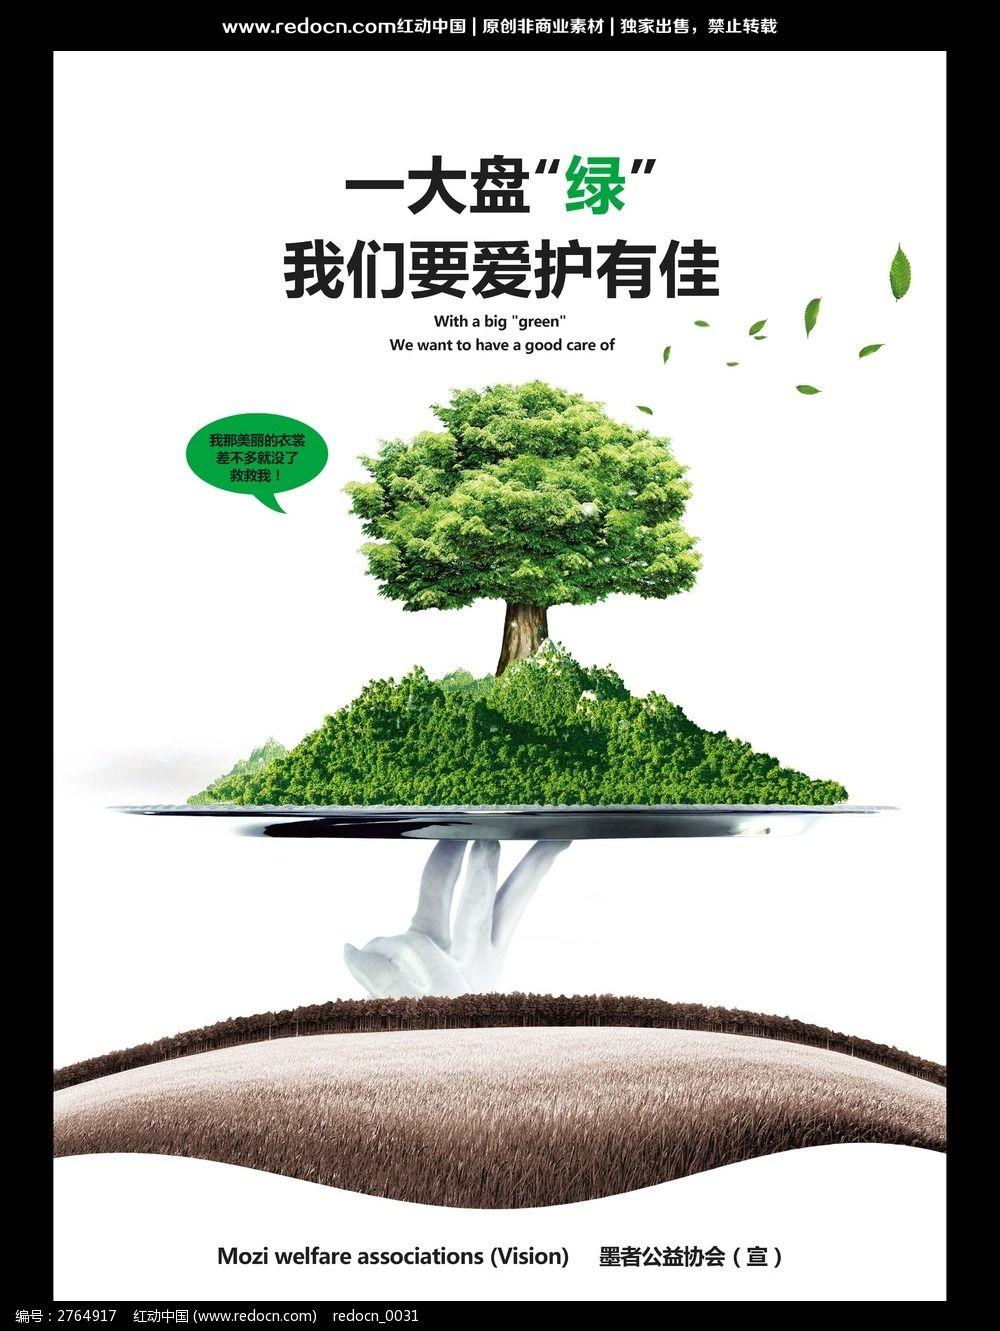 保护地球,绿色环保低碳公益海报设计素材psd